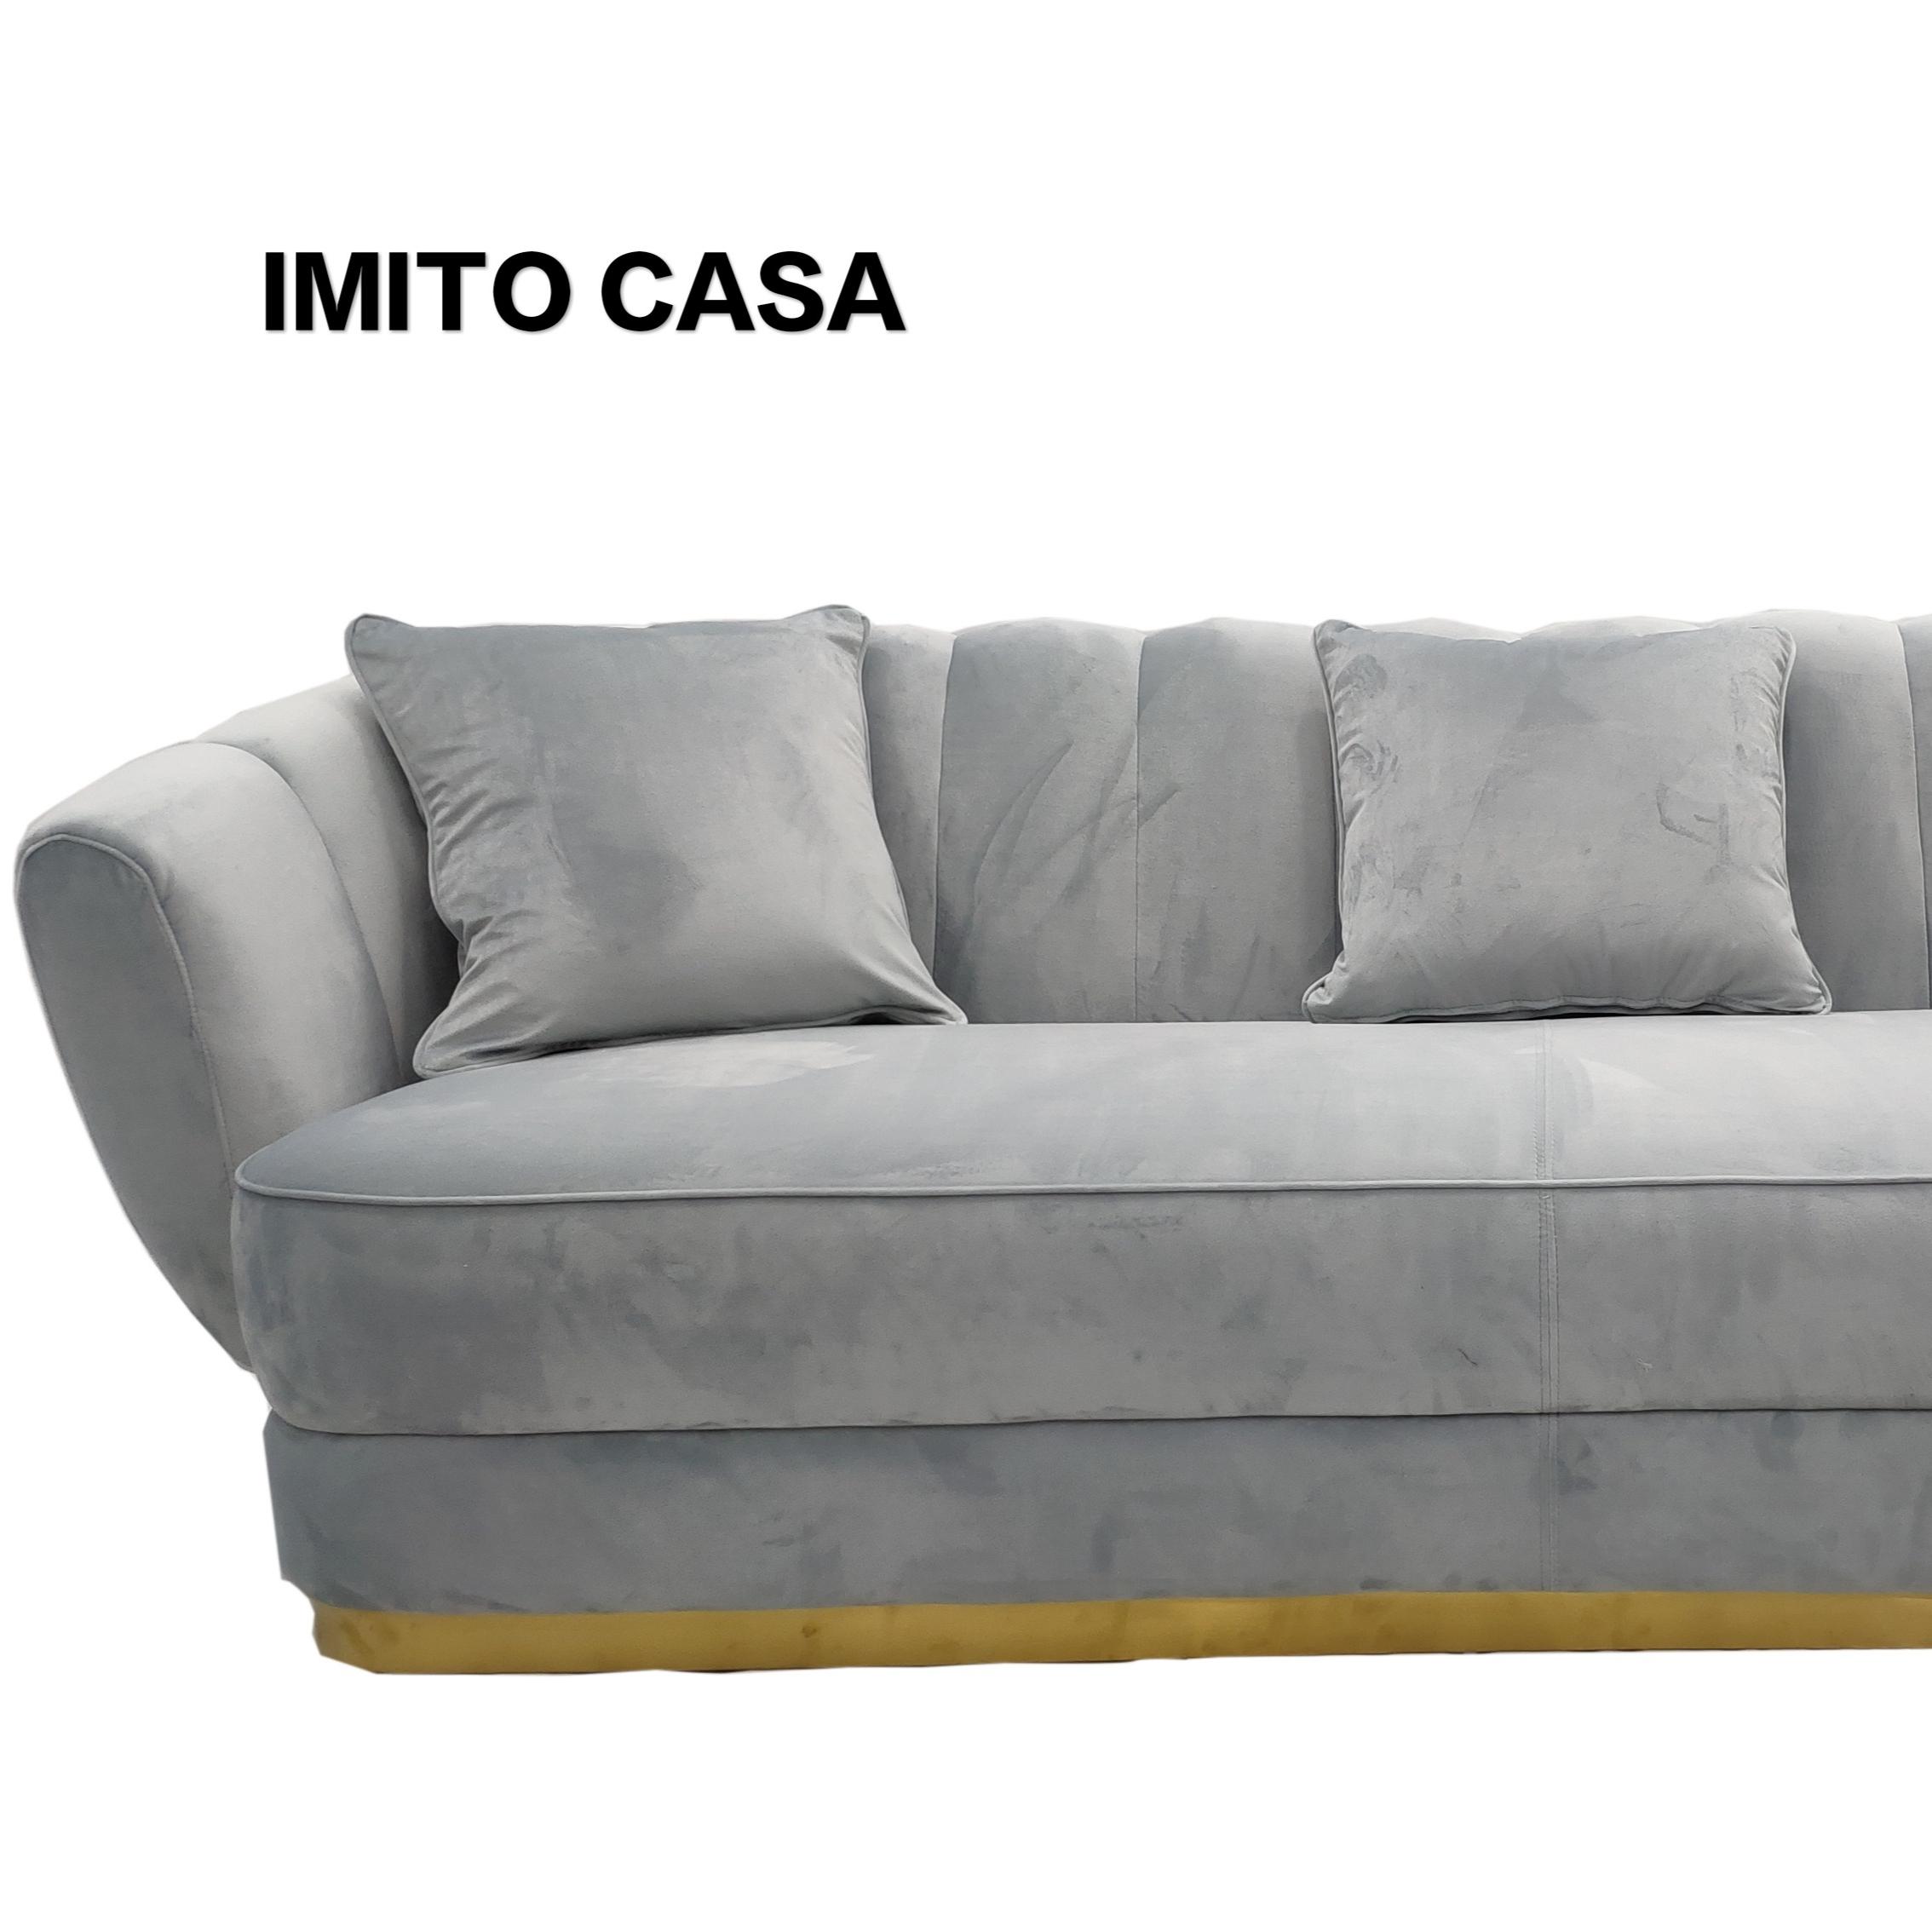 Full Size of Halbrundes Sofa Big Im Klassischen Stil Ikea Samt Halbrunde Couch Klein Rot Gebraucht Ebay Schwarz Kaufen Sie Mit Niedrigem Preis Stck Sets Grohandel Schillig Sofa Halbrundes Sofa